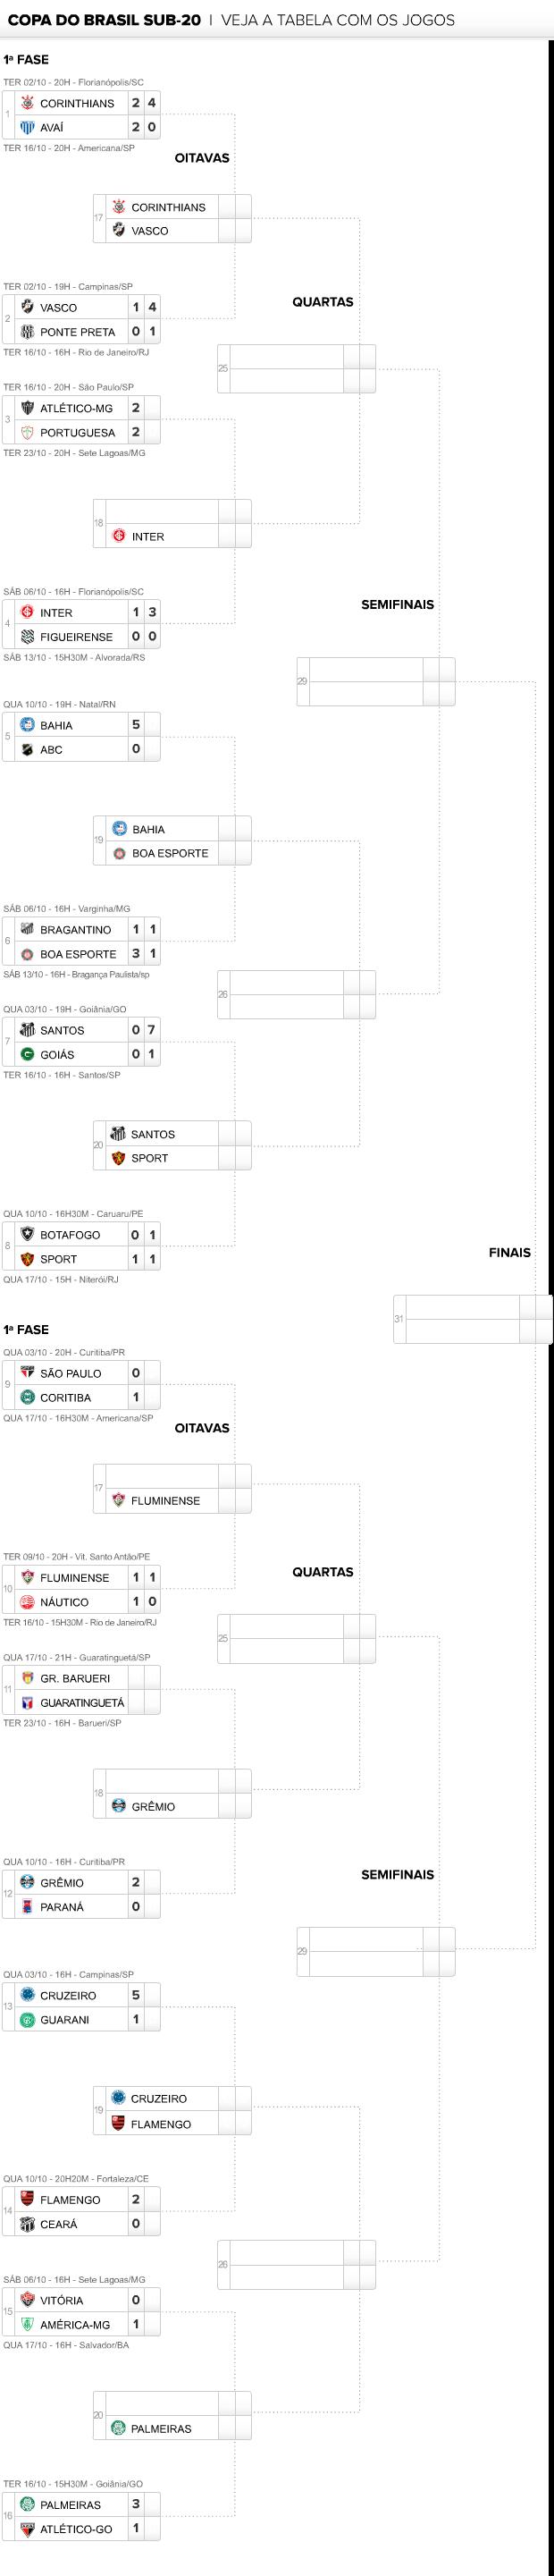 info tabela copa do brasil sub20 17/10 v2 (Foto: Editoria de Arte / Globoesporte.com)